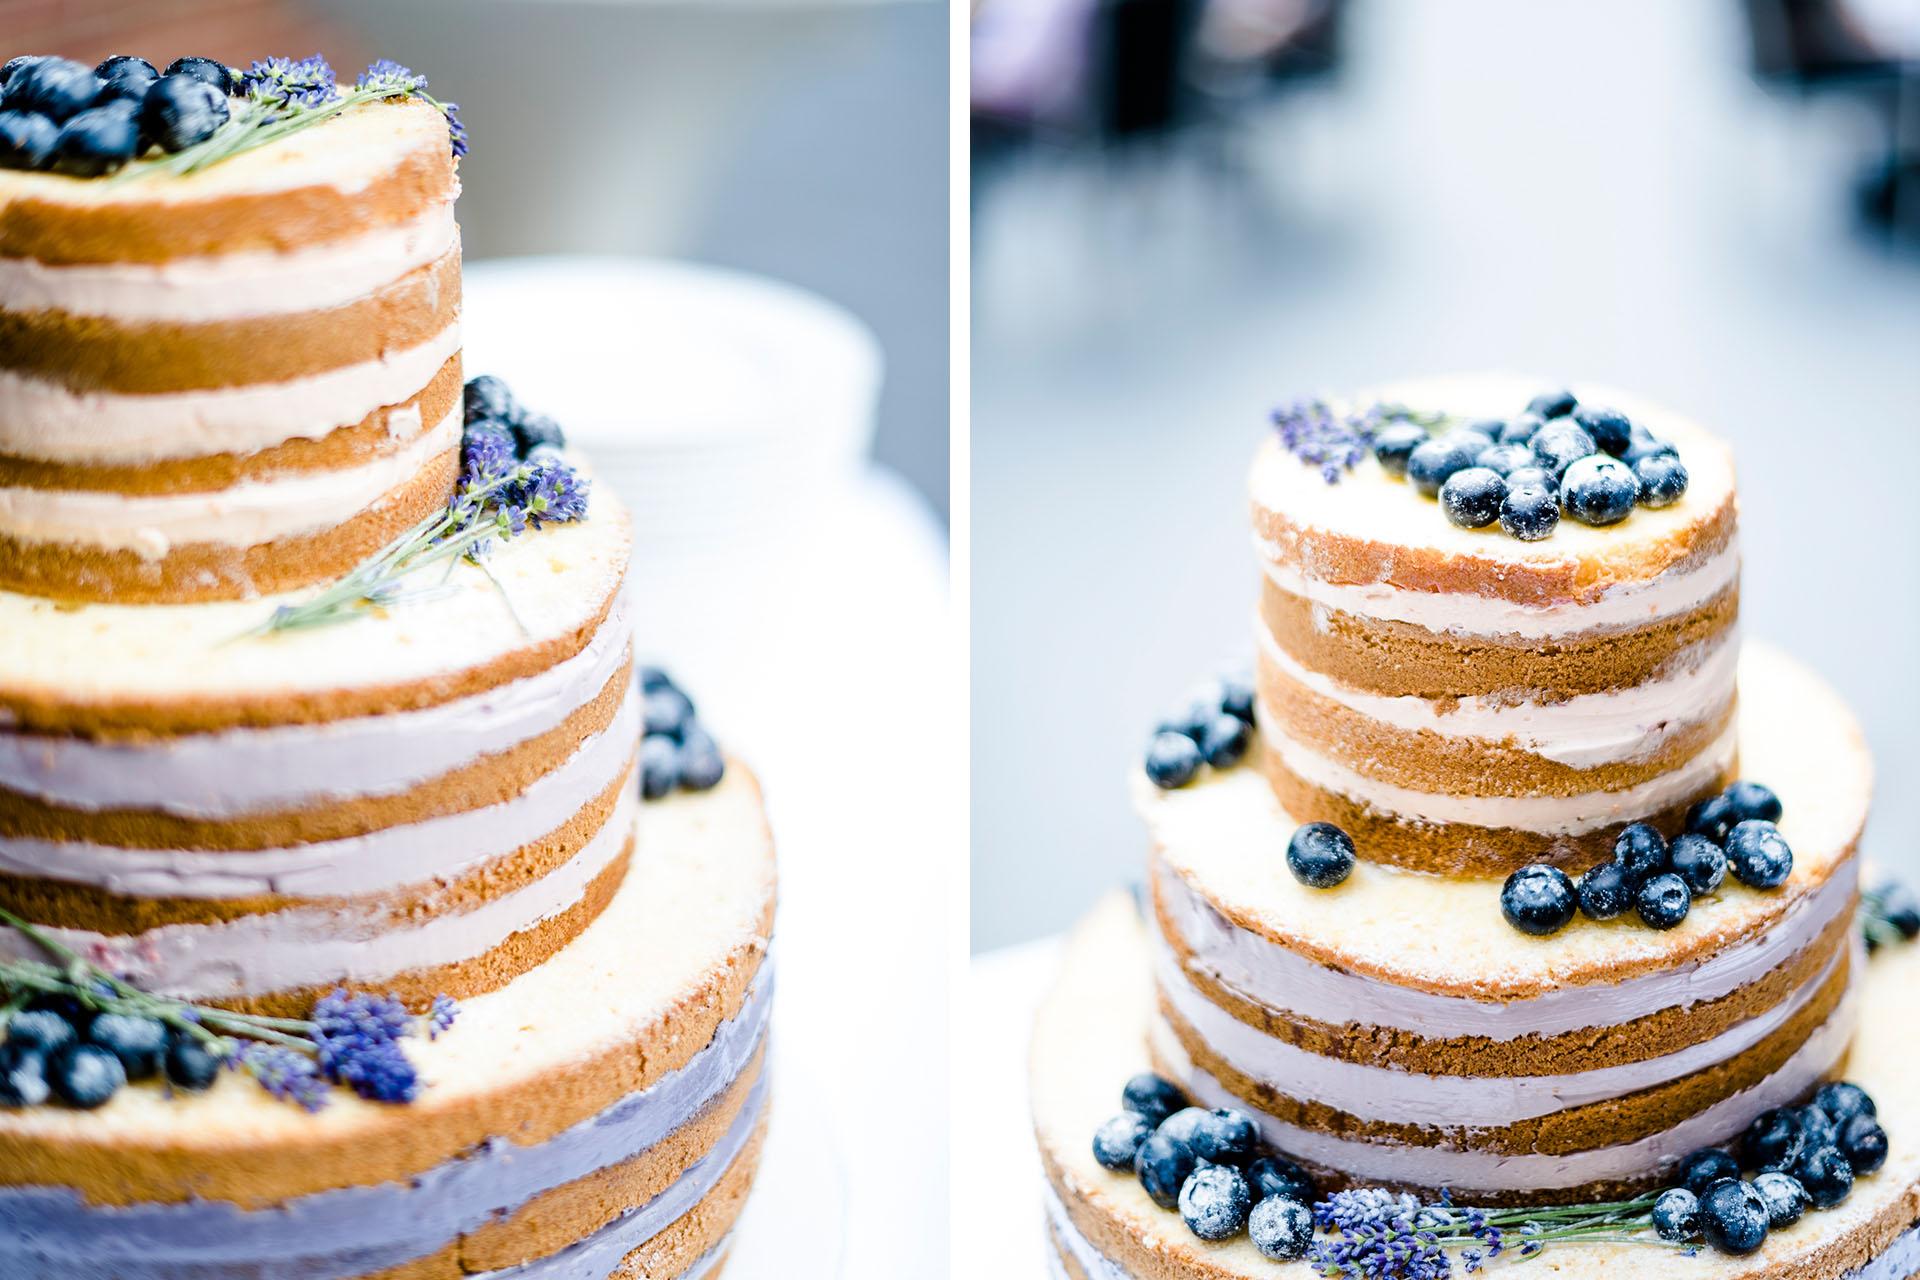 Hochzeitsfotos Münster: Fotos von wunderschöner Hochzeitstorte mit Blaubeeren.